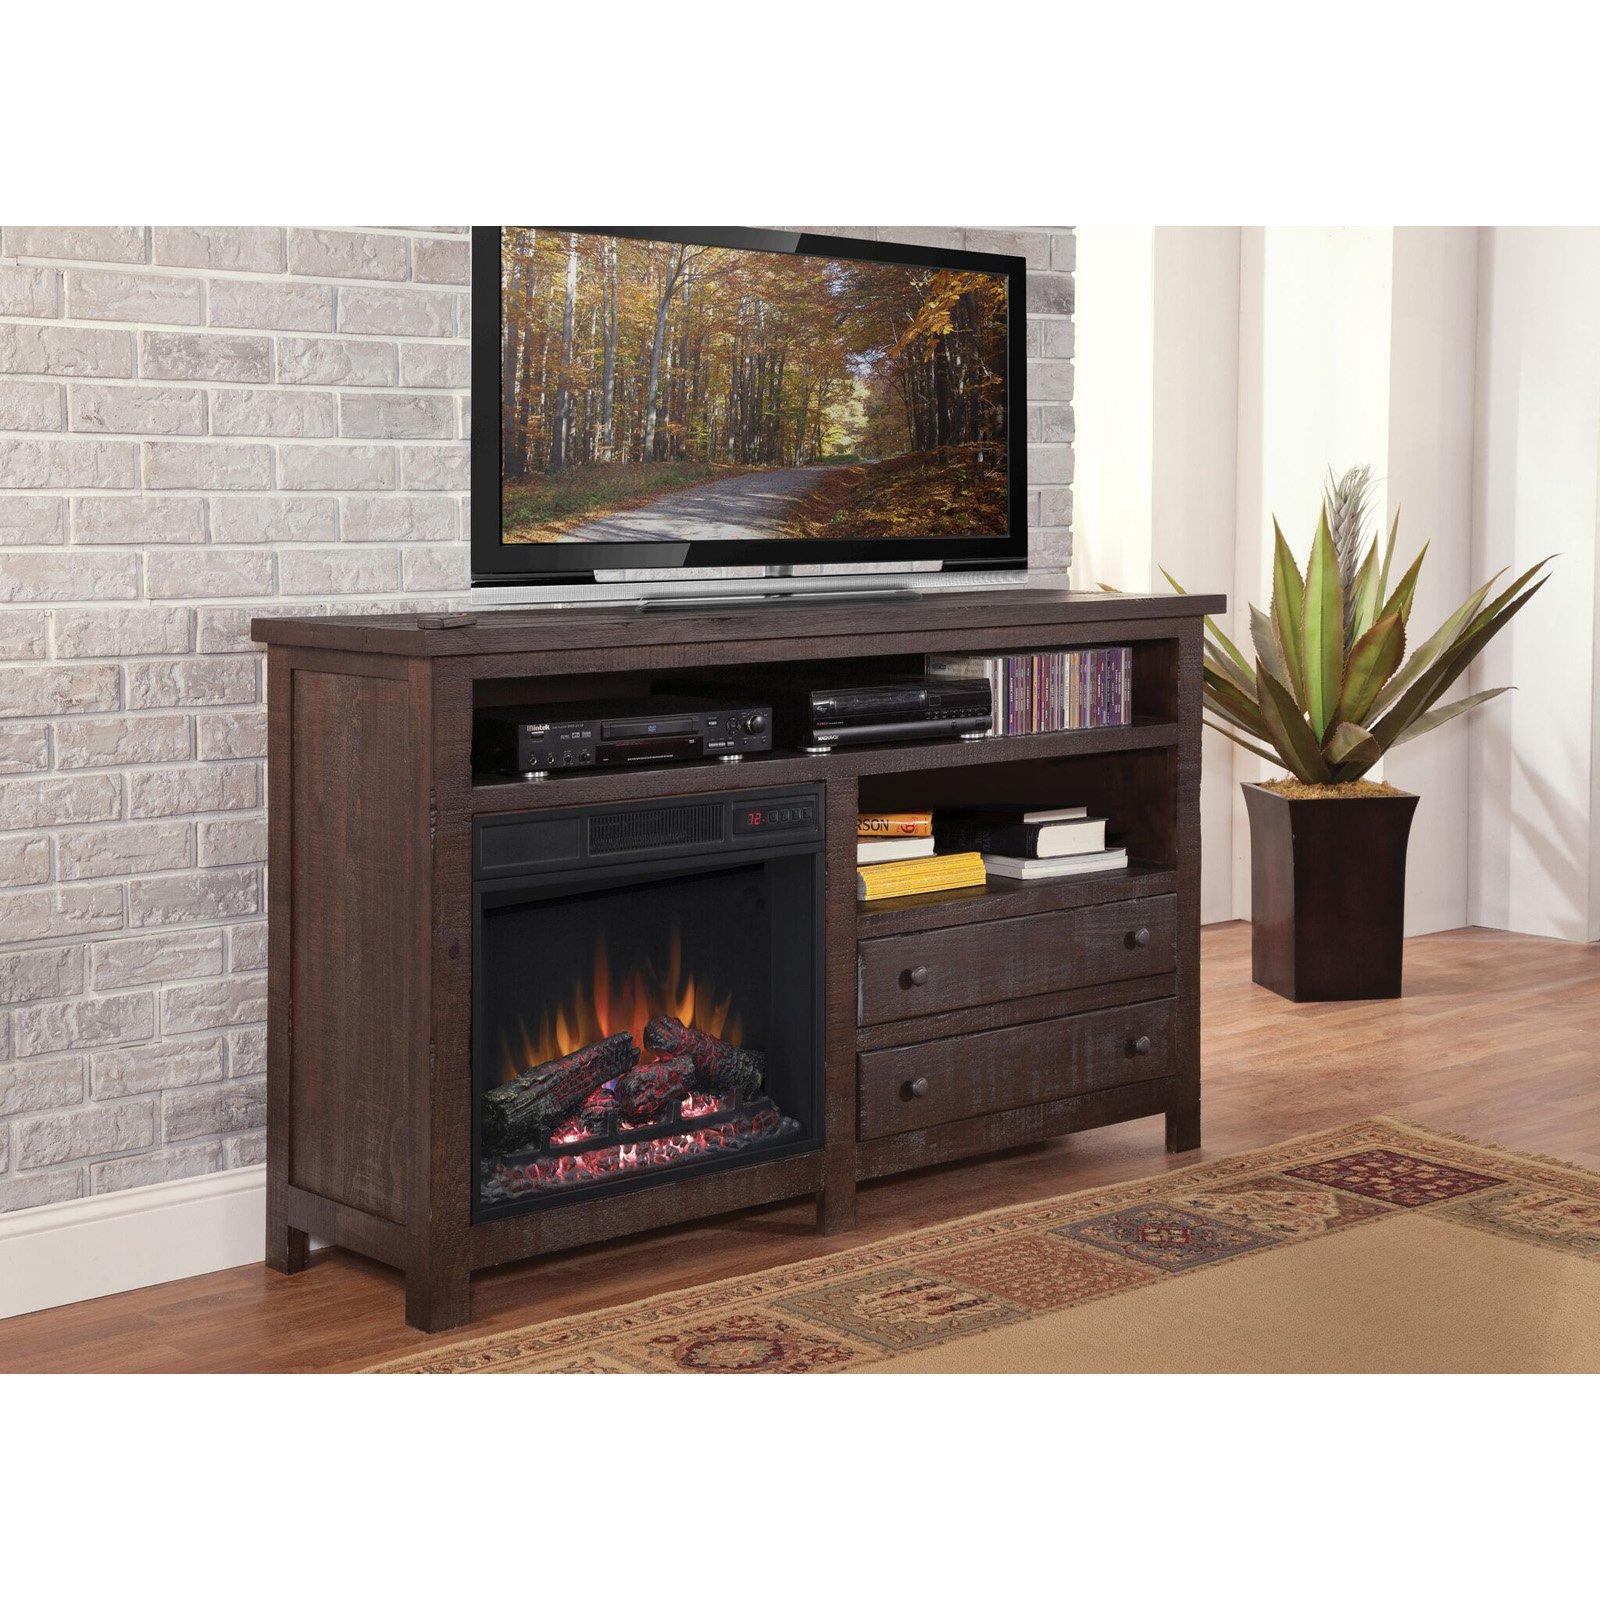 Progressive Tahoe 60-in. Fireplace Console